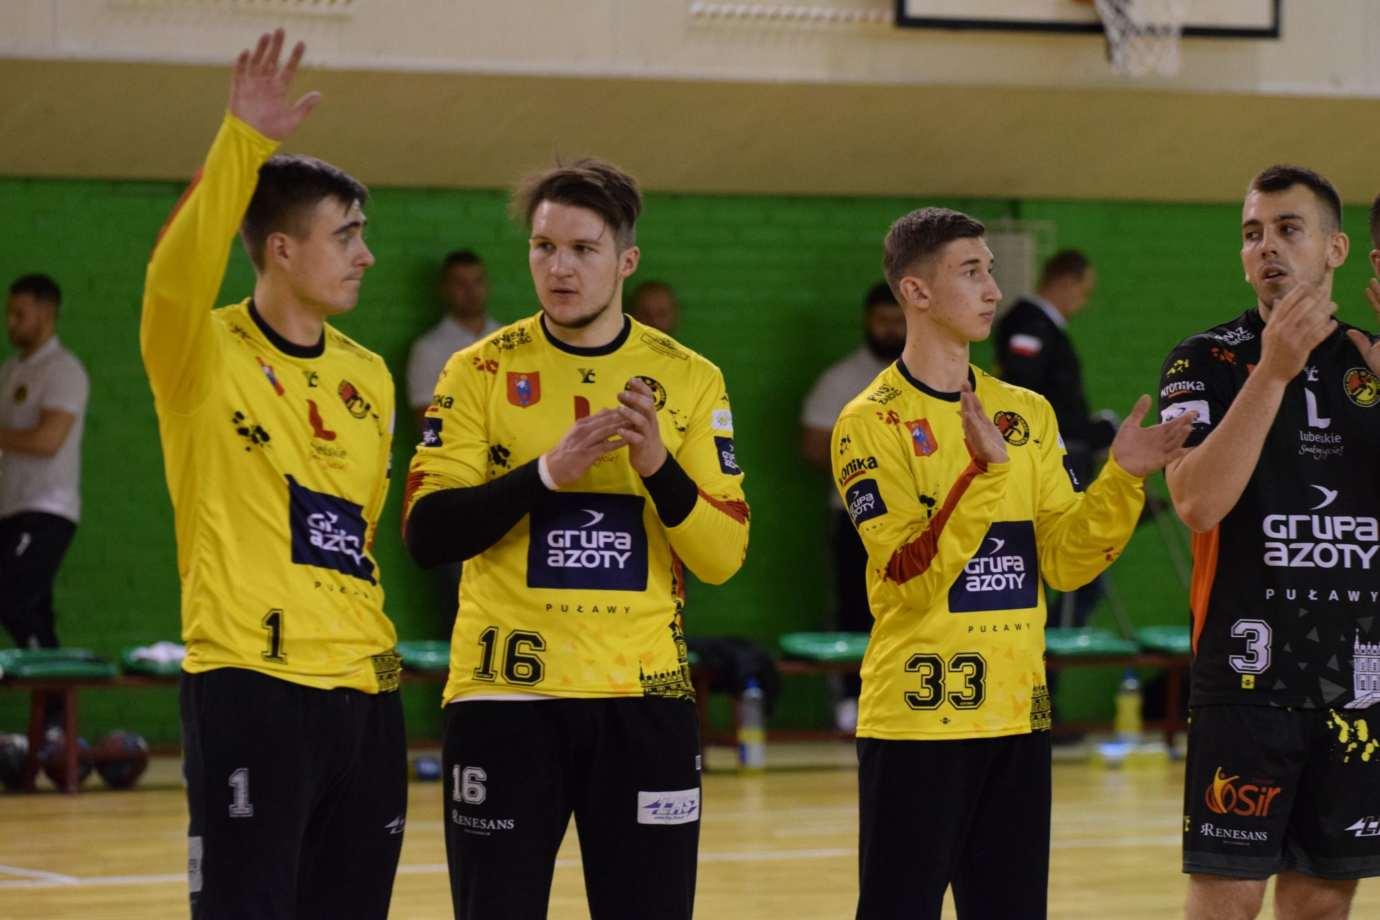 72597915 539756726799622 4817994974354210816 n 1 Zwycięstwo w eliminacjach o Puchar Polski